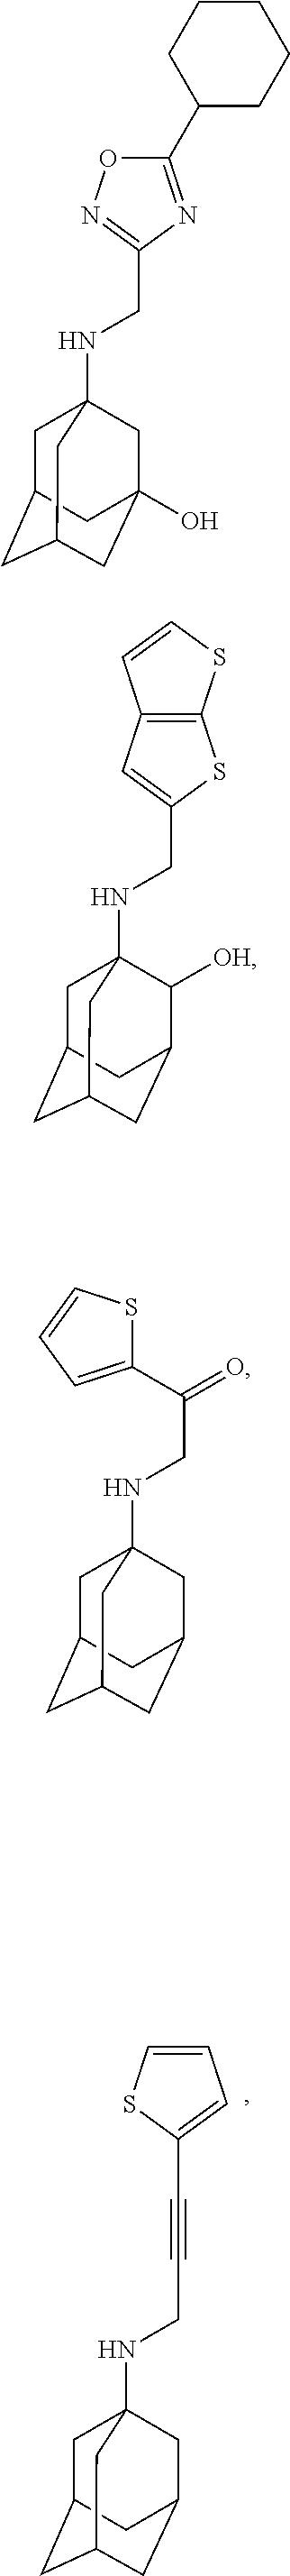 Figure US09884832-20180206-C00204